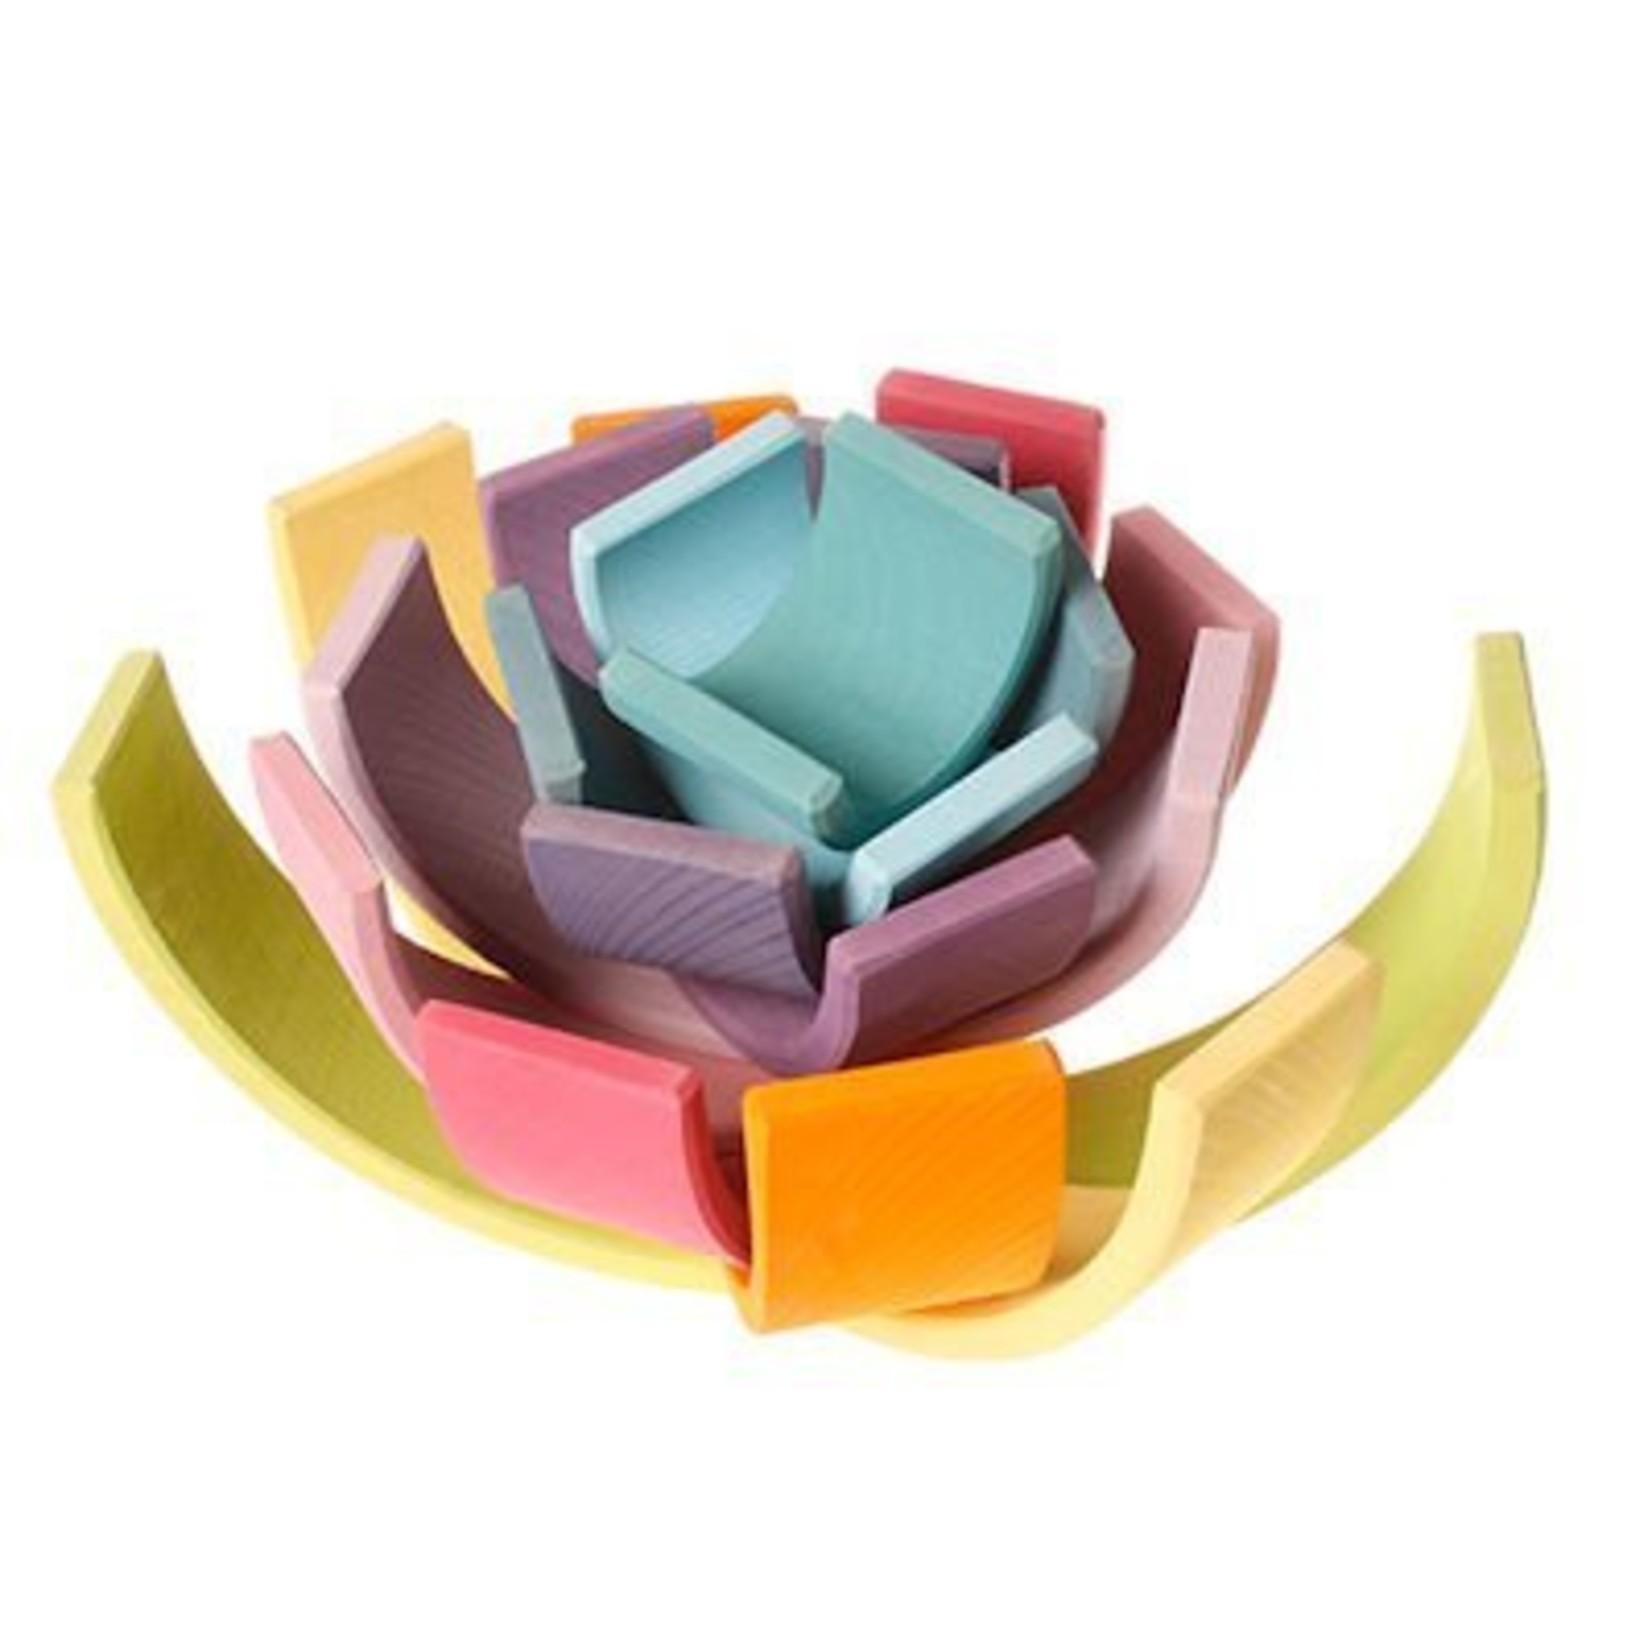 Grimm's Grote Regenboog in pastelkleuren